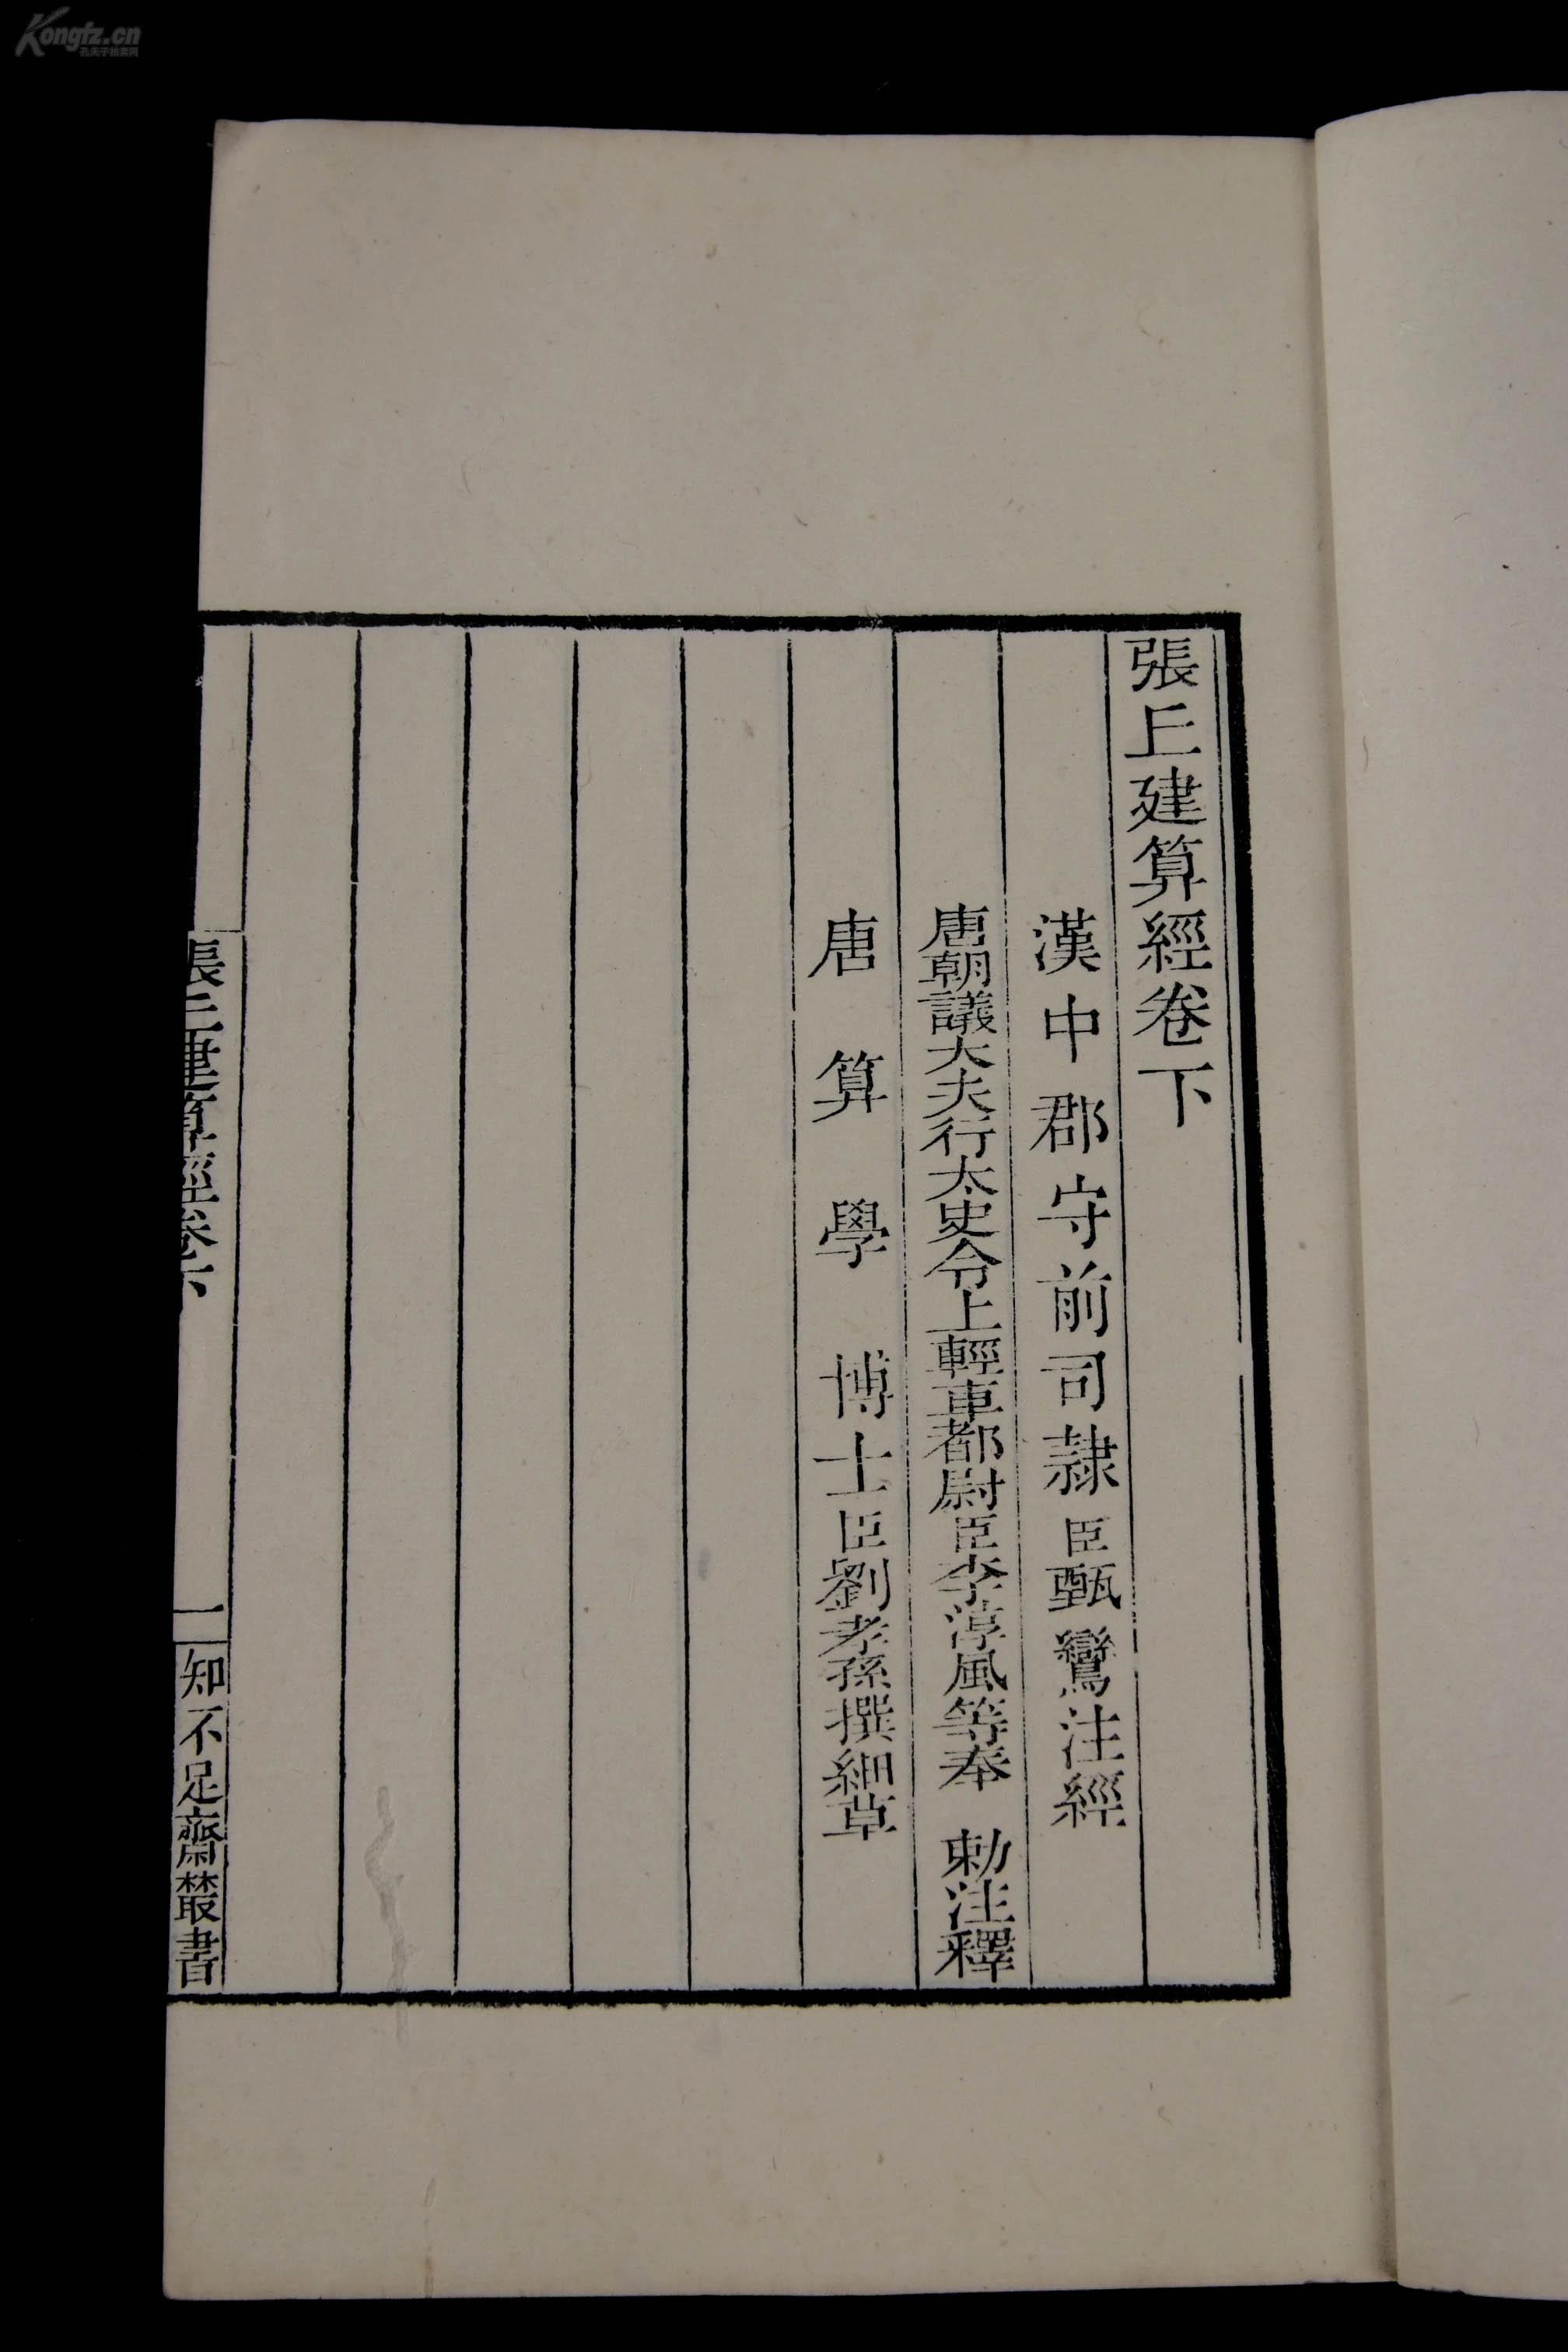 曾经是隋唐时代国子监算学科的教科书,比较突出的成就有最大公约数与图片